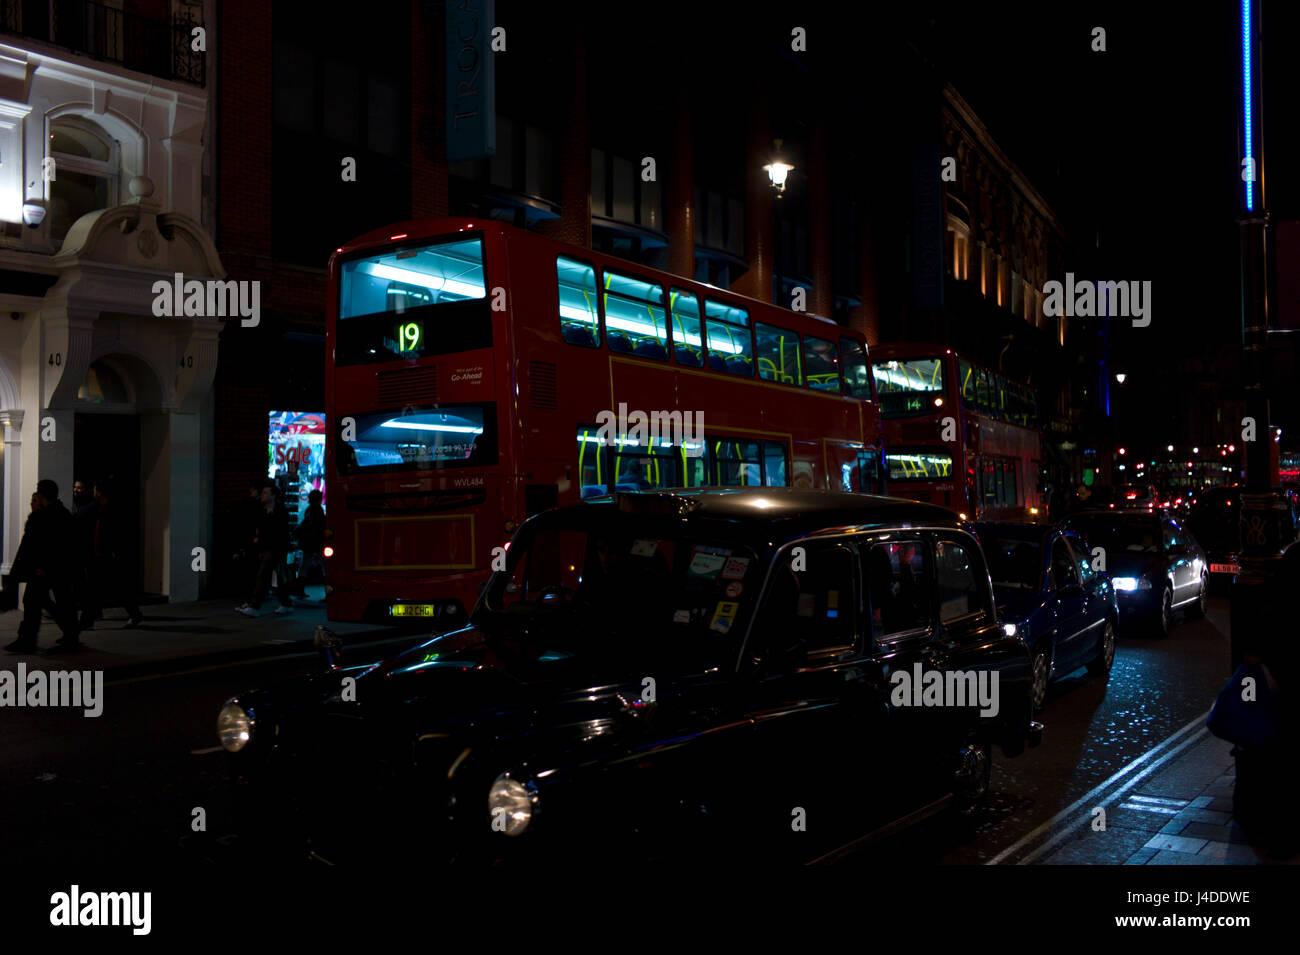 London Bus Nightime - Stock Image